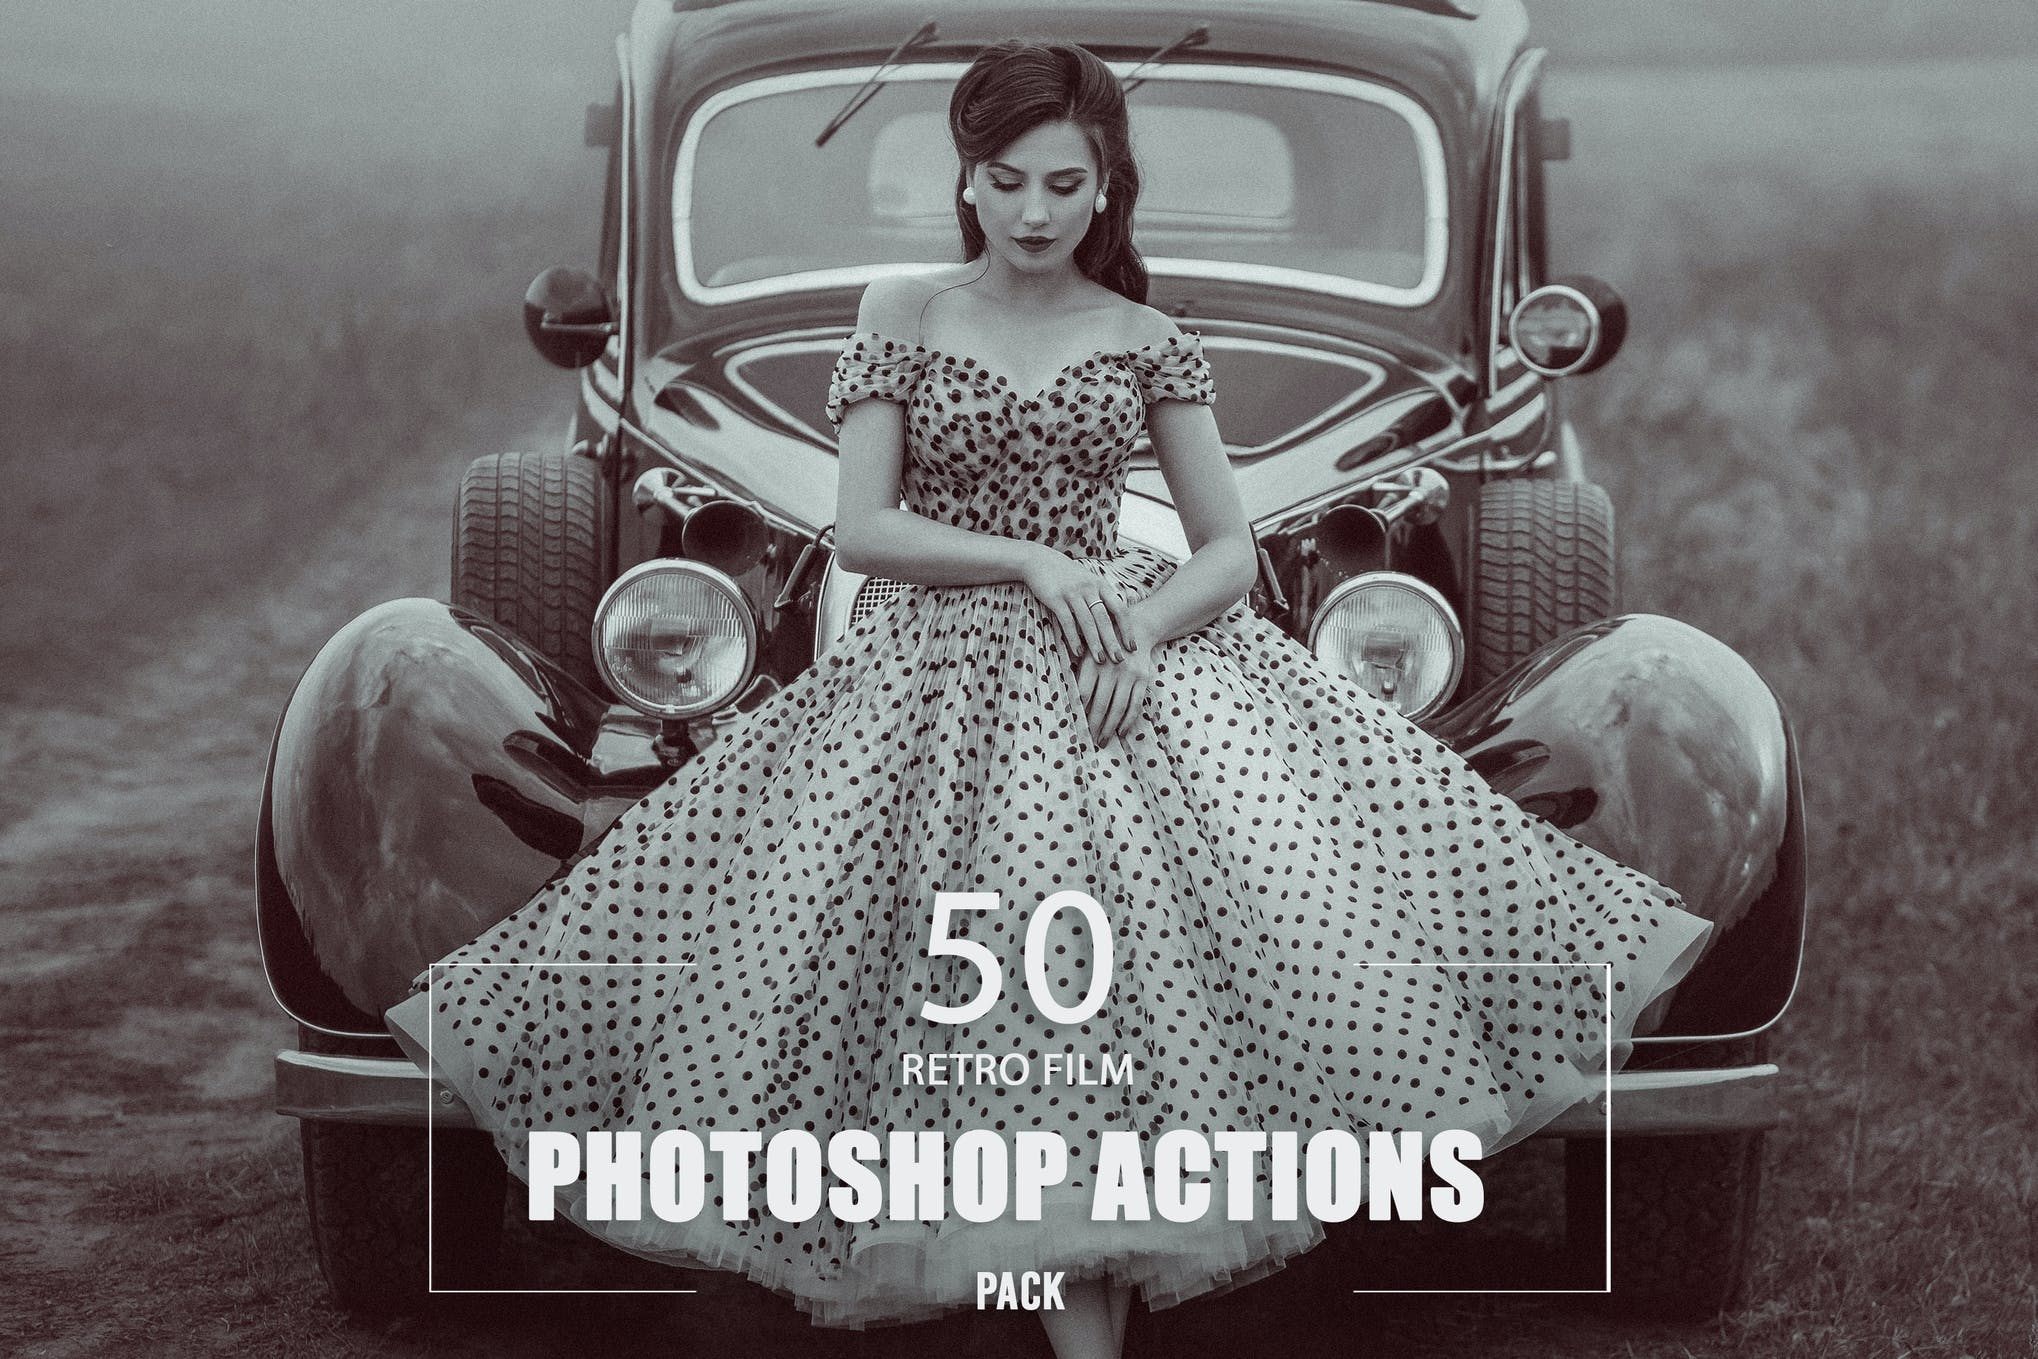 50 Retro Film Photoshop Actions